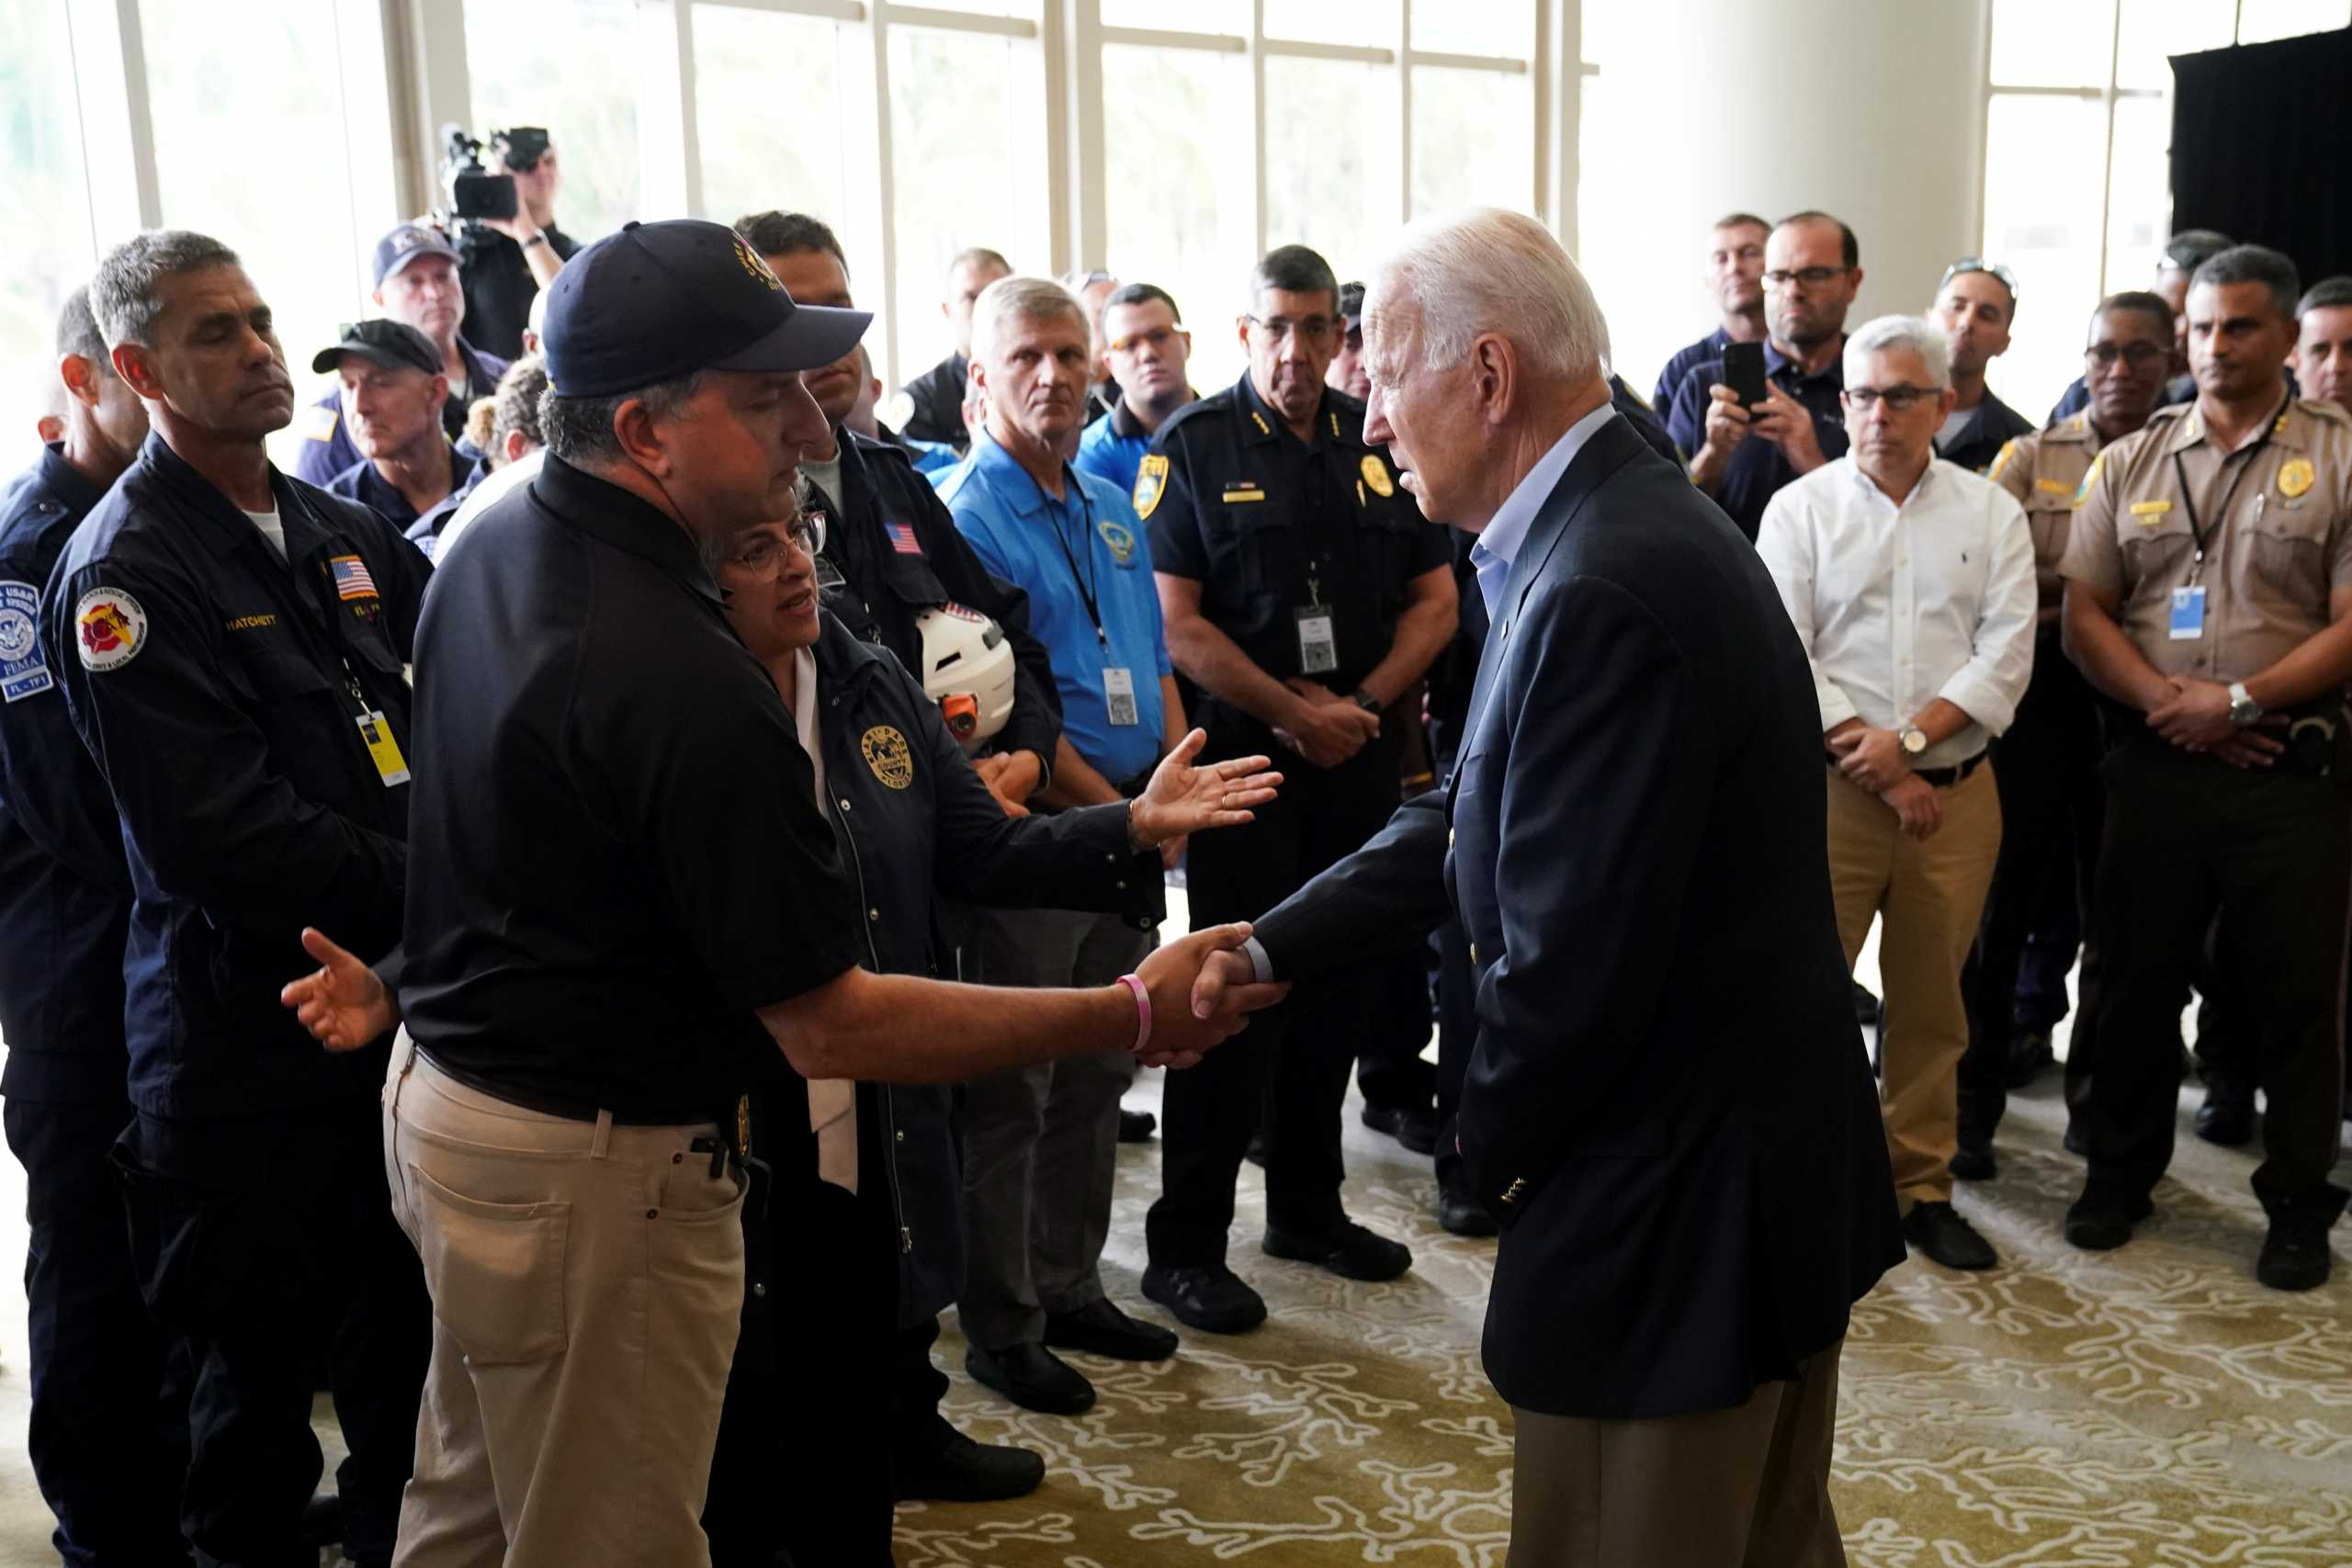 Στη Φλόριντα ο πρόεδρος  Μπάιντεν για «παρηγοριά» μετά την κατάρρευση του κτιρίου